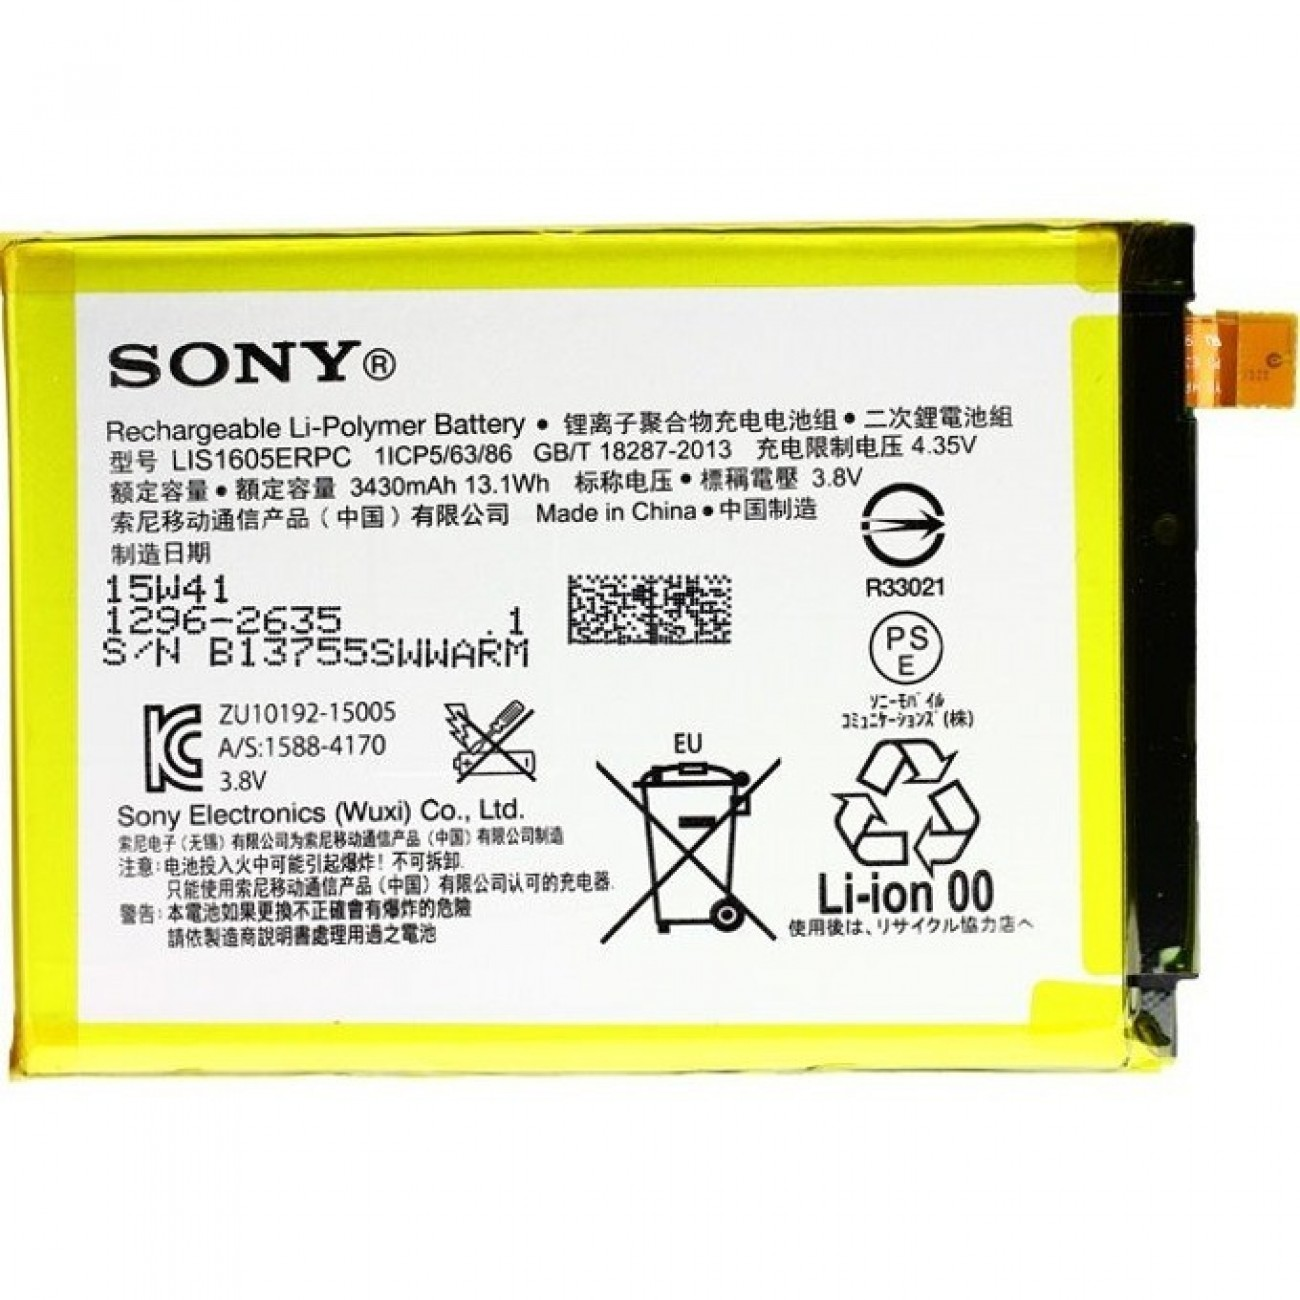 Батерия (оригинална) Sony LIS1605ERPC за Sony Xperia Z5 Premium, 3430mAh/3.8V, Bulk в Батерии за Телефони, Таблети -  | Alleop